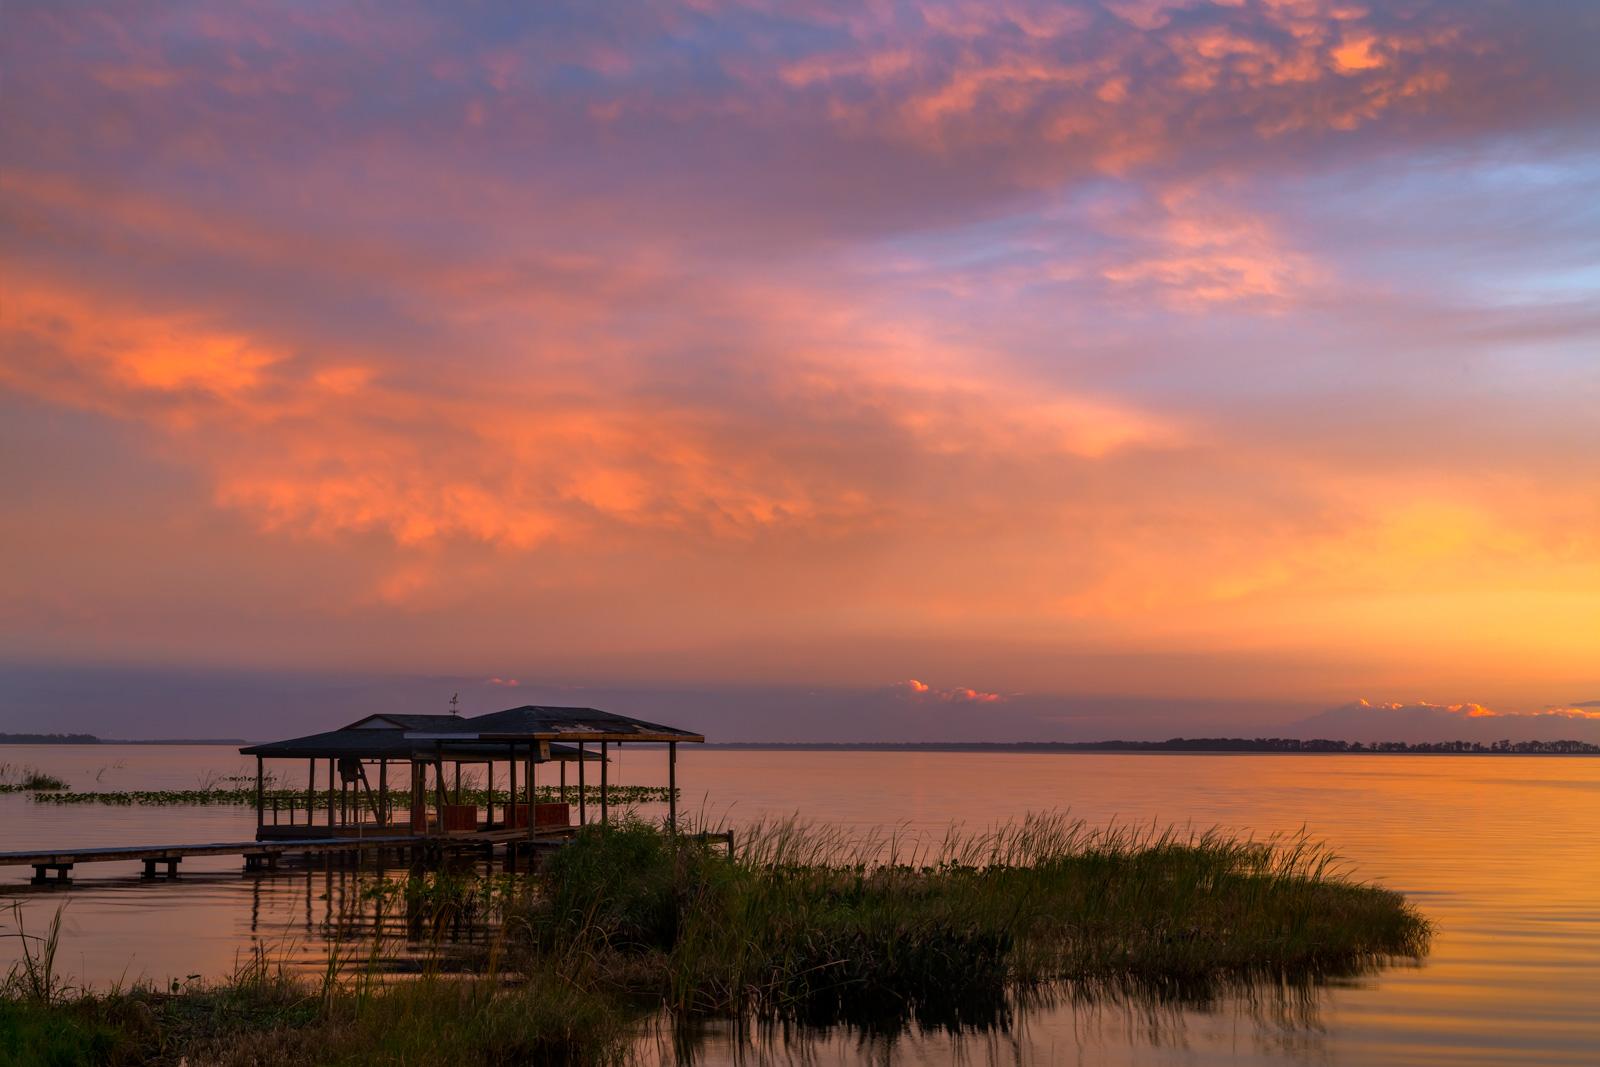 Florida, lake, sunrise, sunset, photo